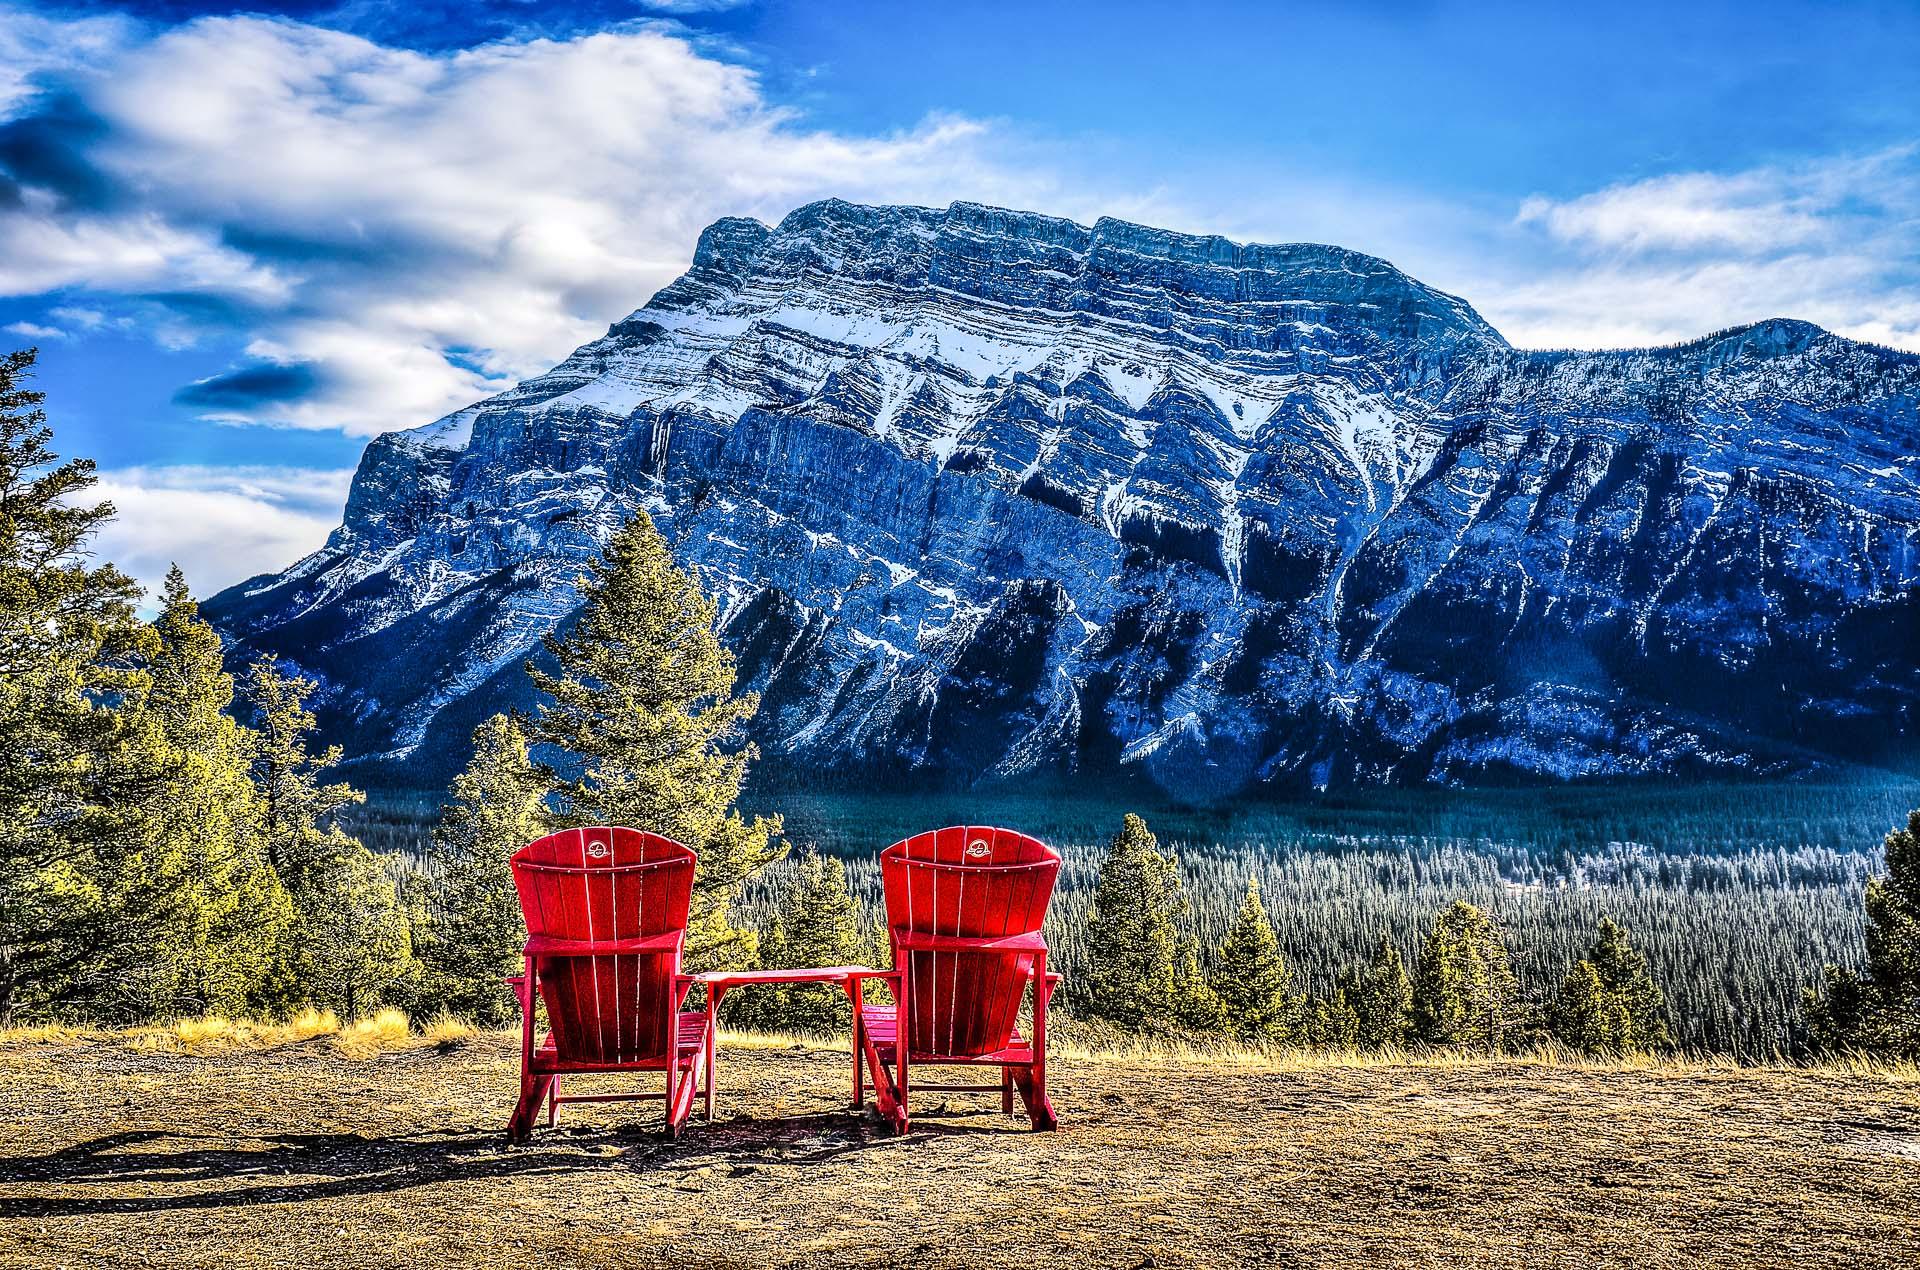 Adirondack Chairs in Banff Alberta